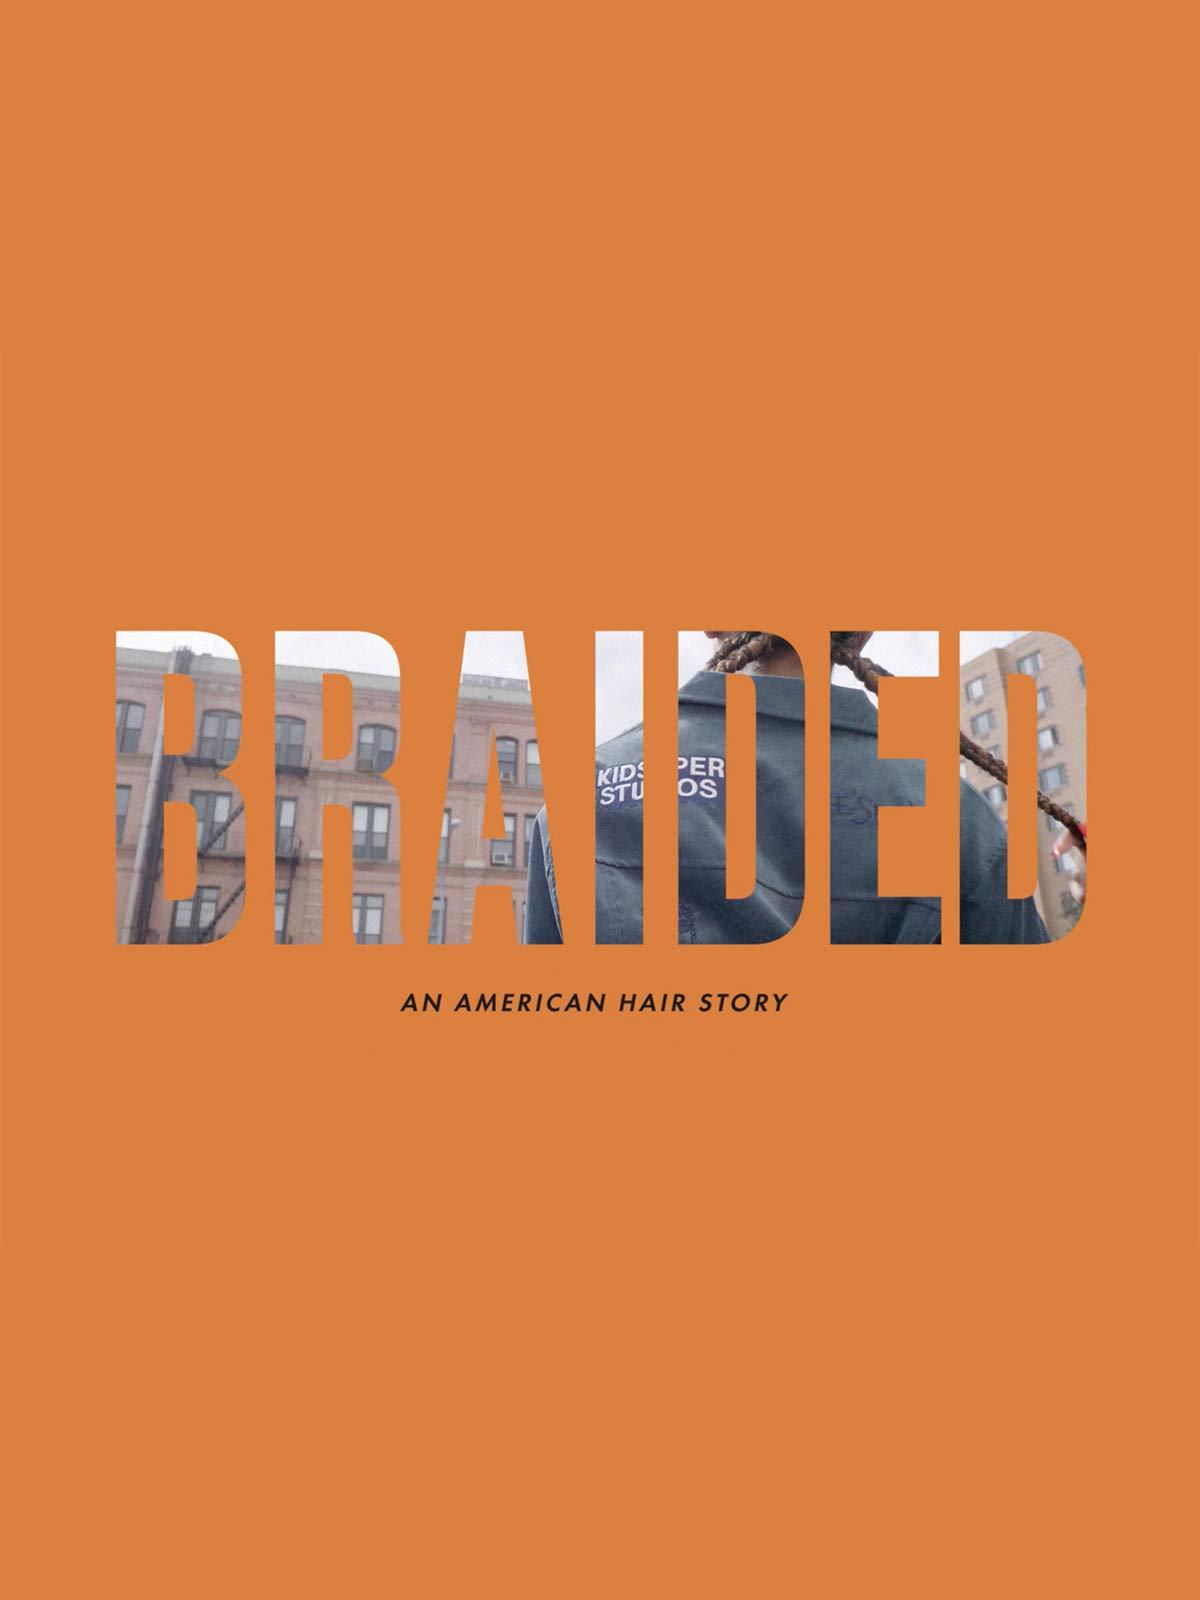 Braided: An American Hair Story